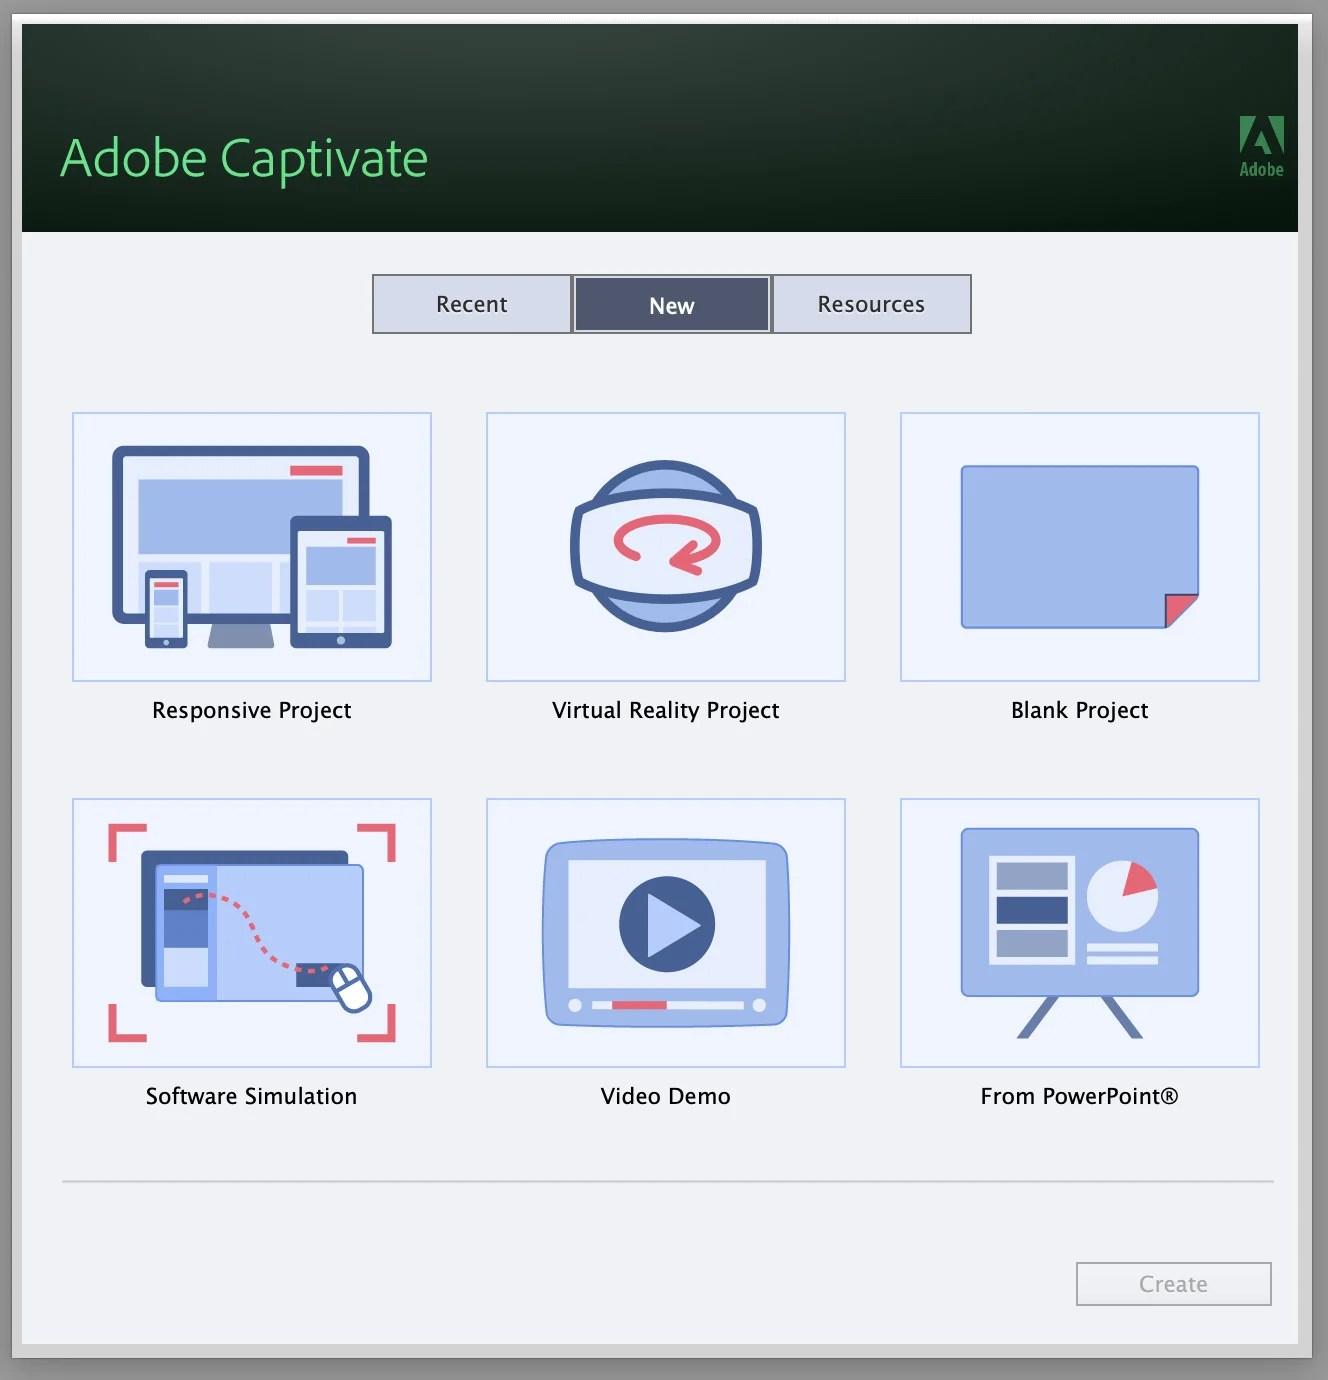 Adobe Captivate Project Menu